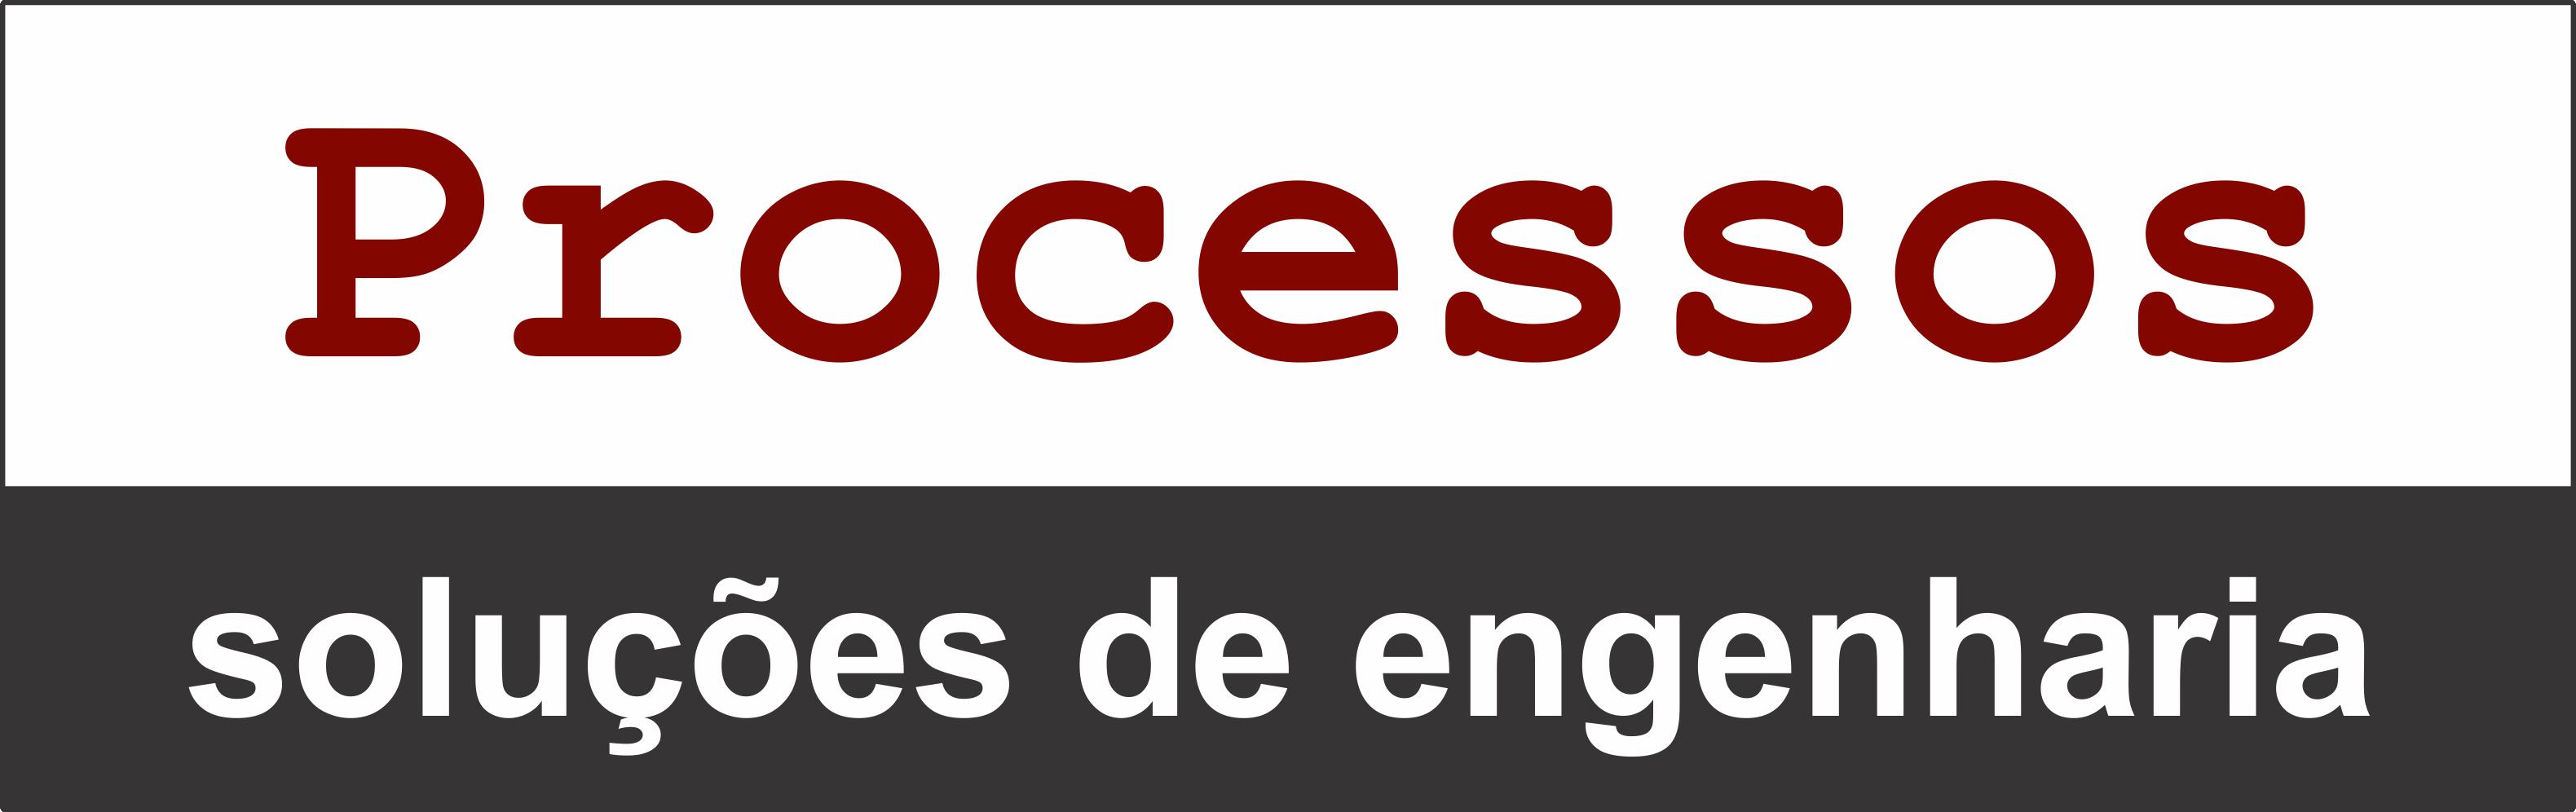 Processos - Soluções de Engenharia | English Version